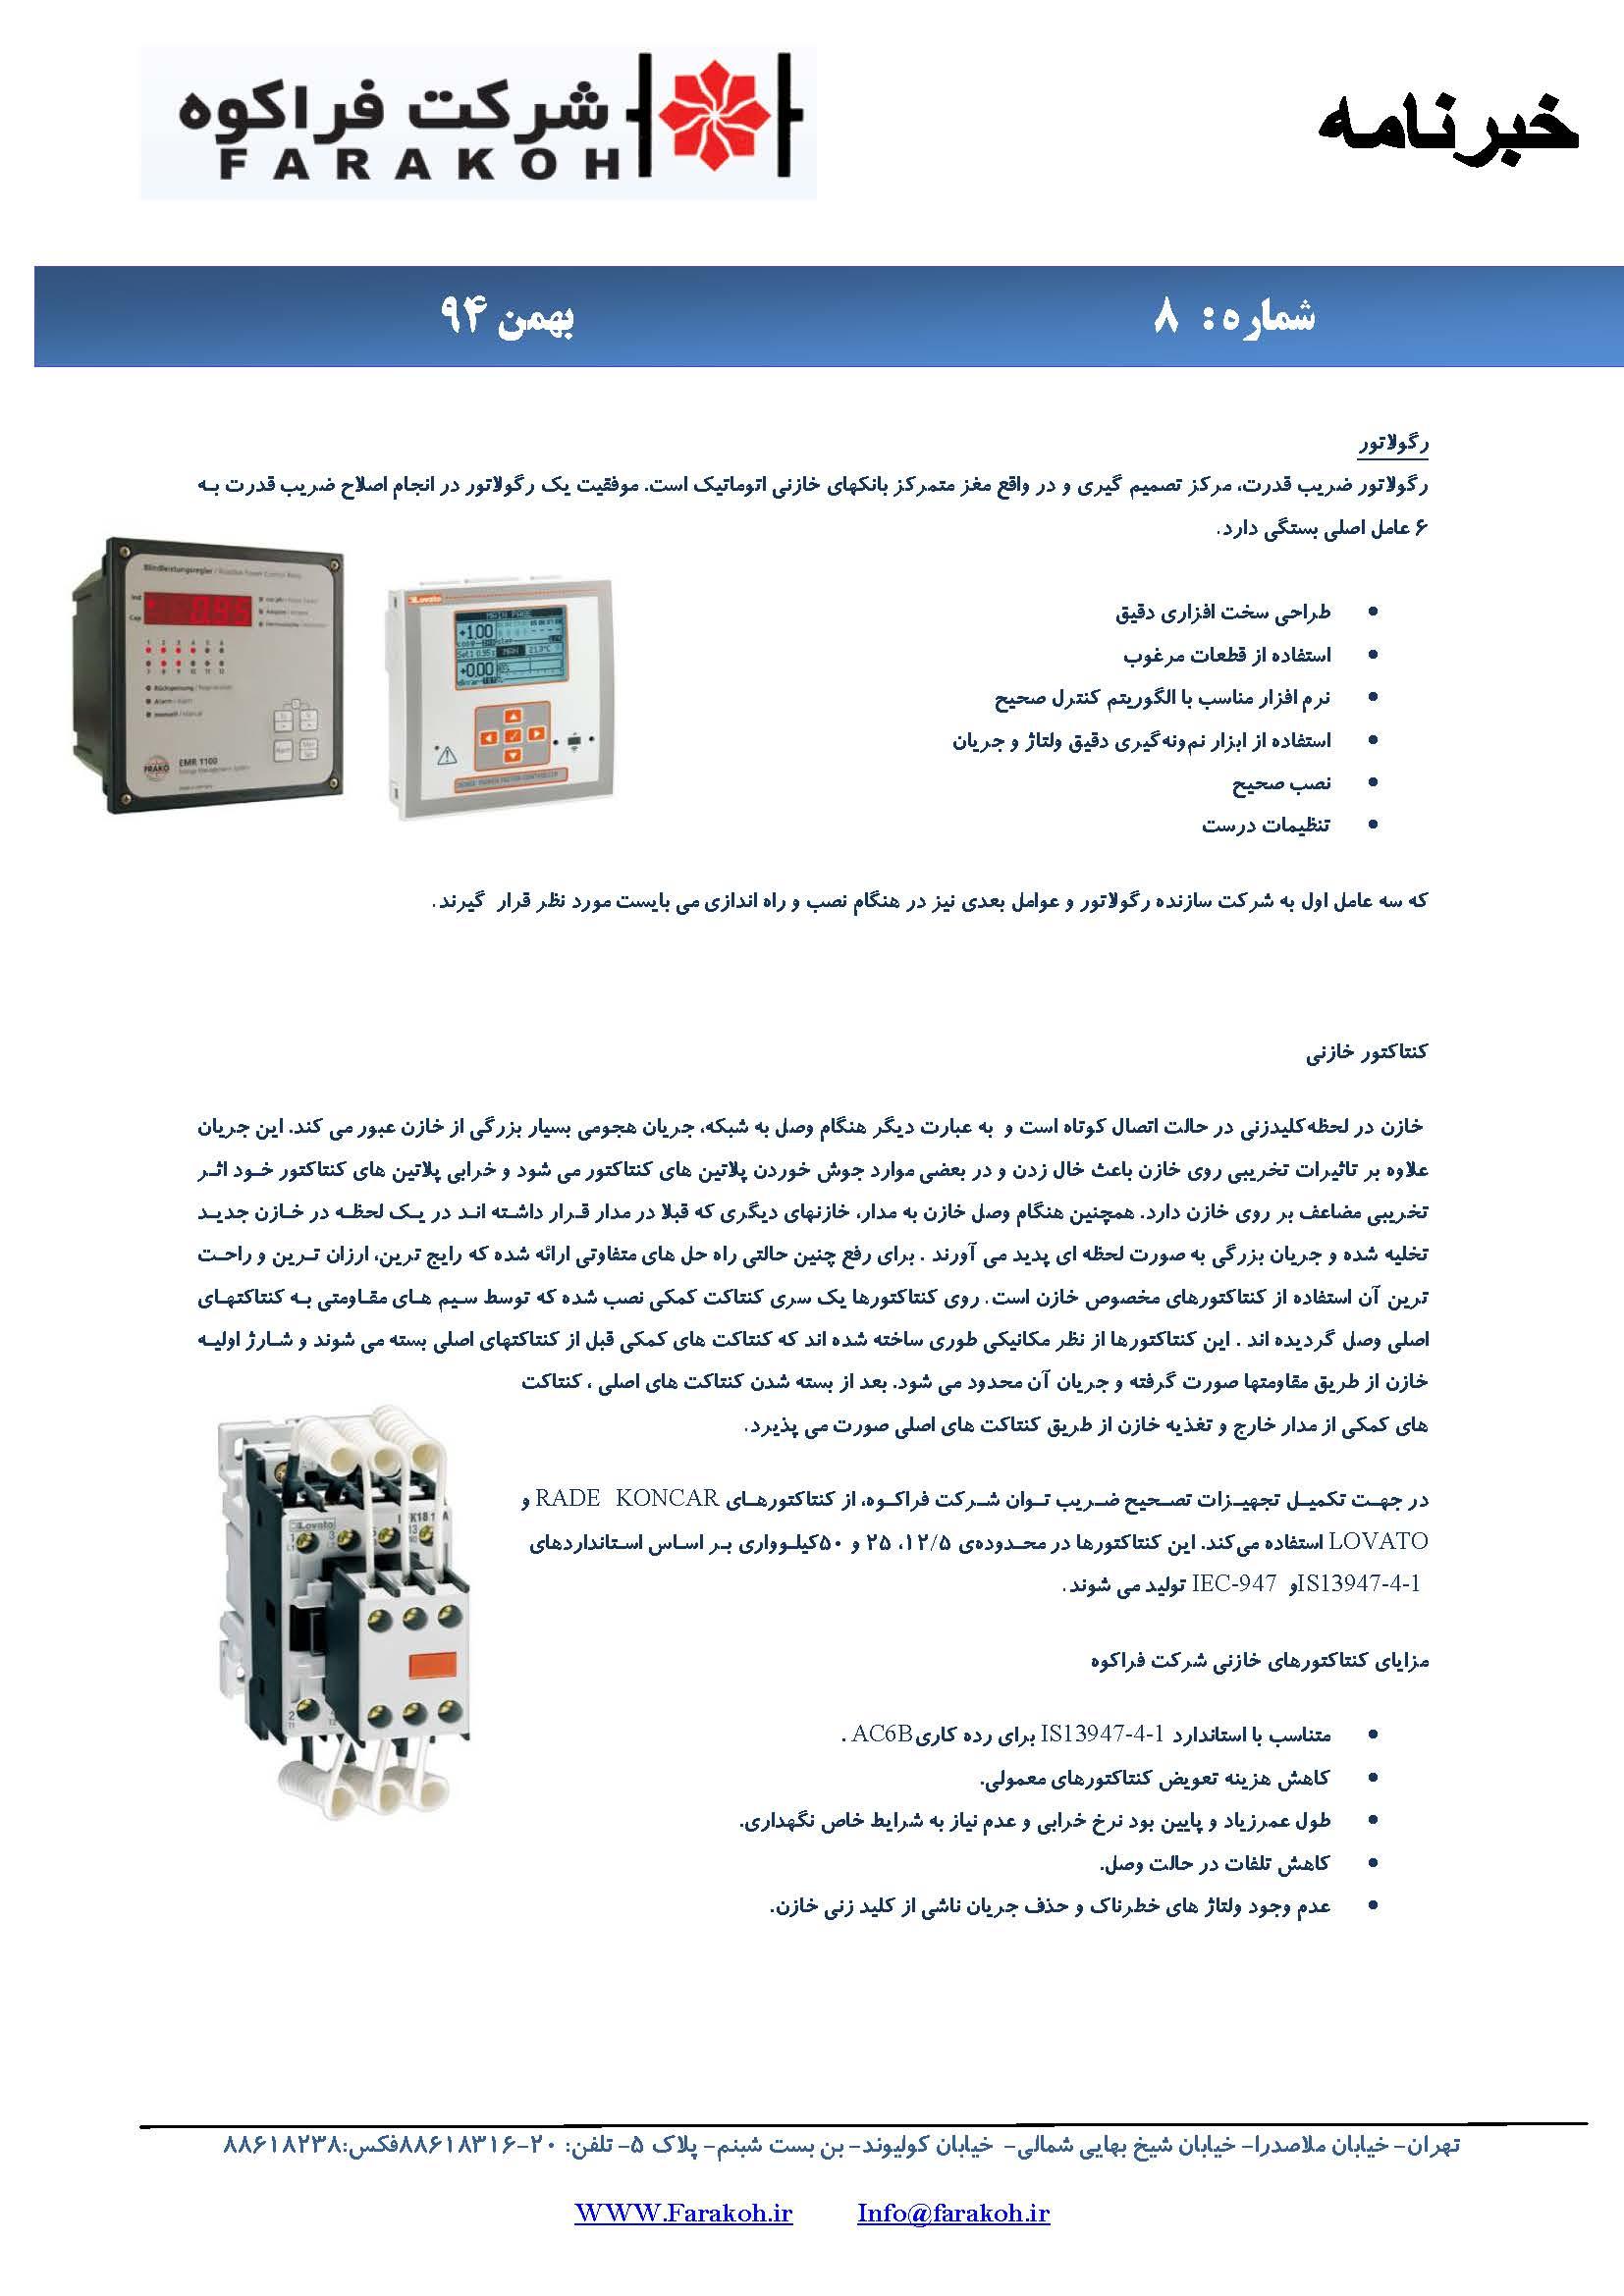 خبرنامه-شماره-۸_Page_4